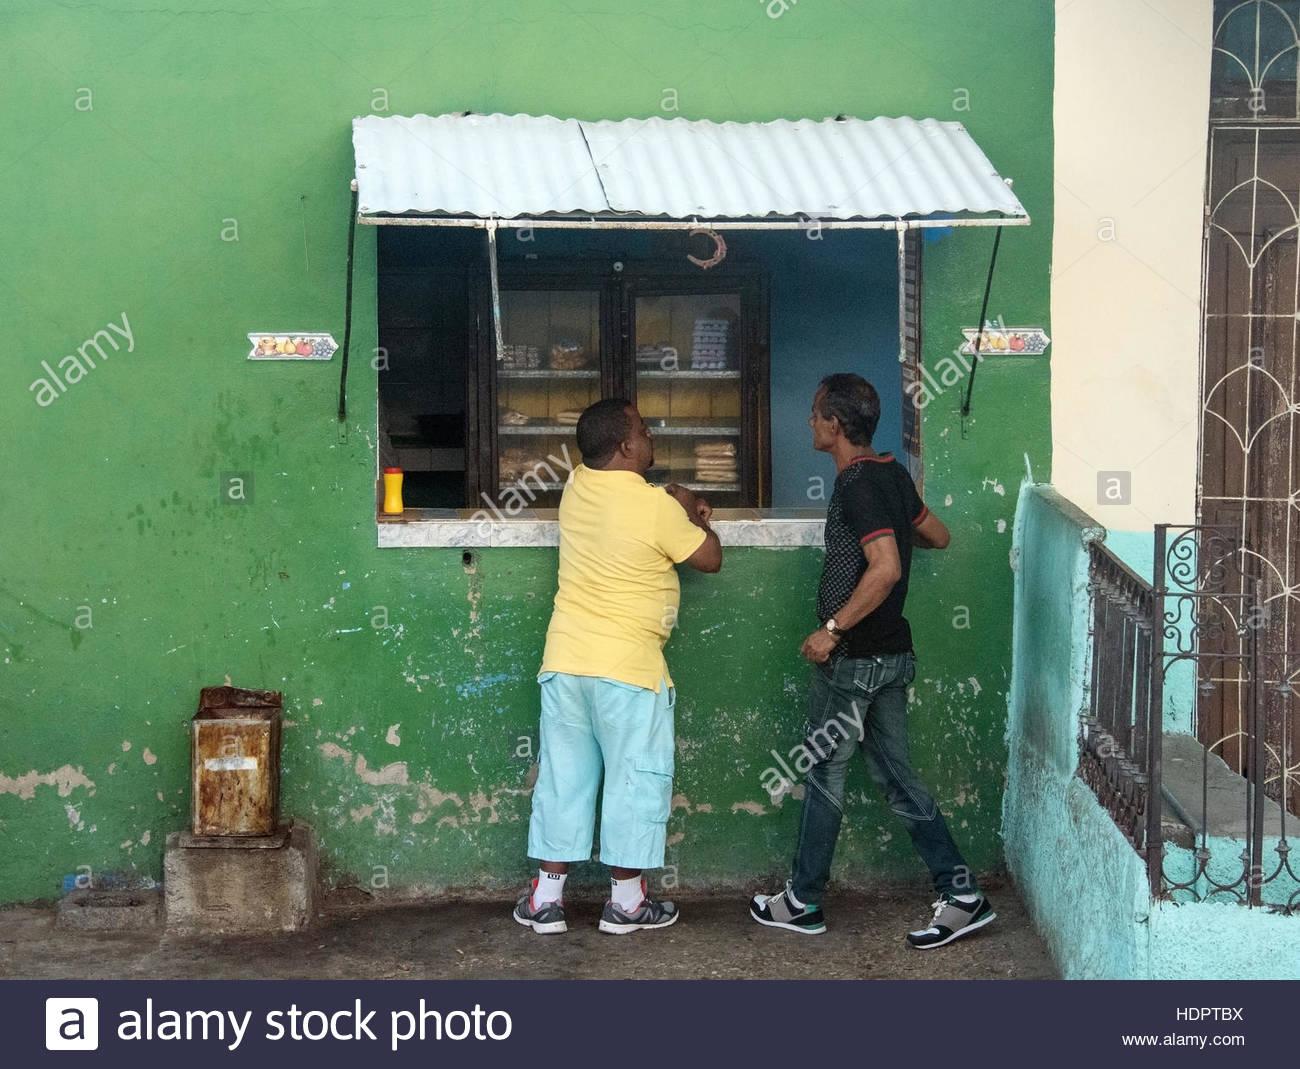 Stand alimentaire privé avec les clients en attente devant elle. Vie quotidienne du peuple cubain de détails. Photo Stock